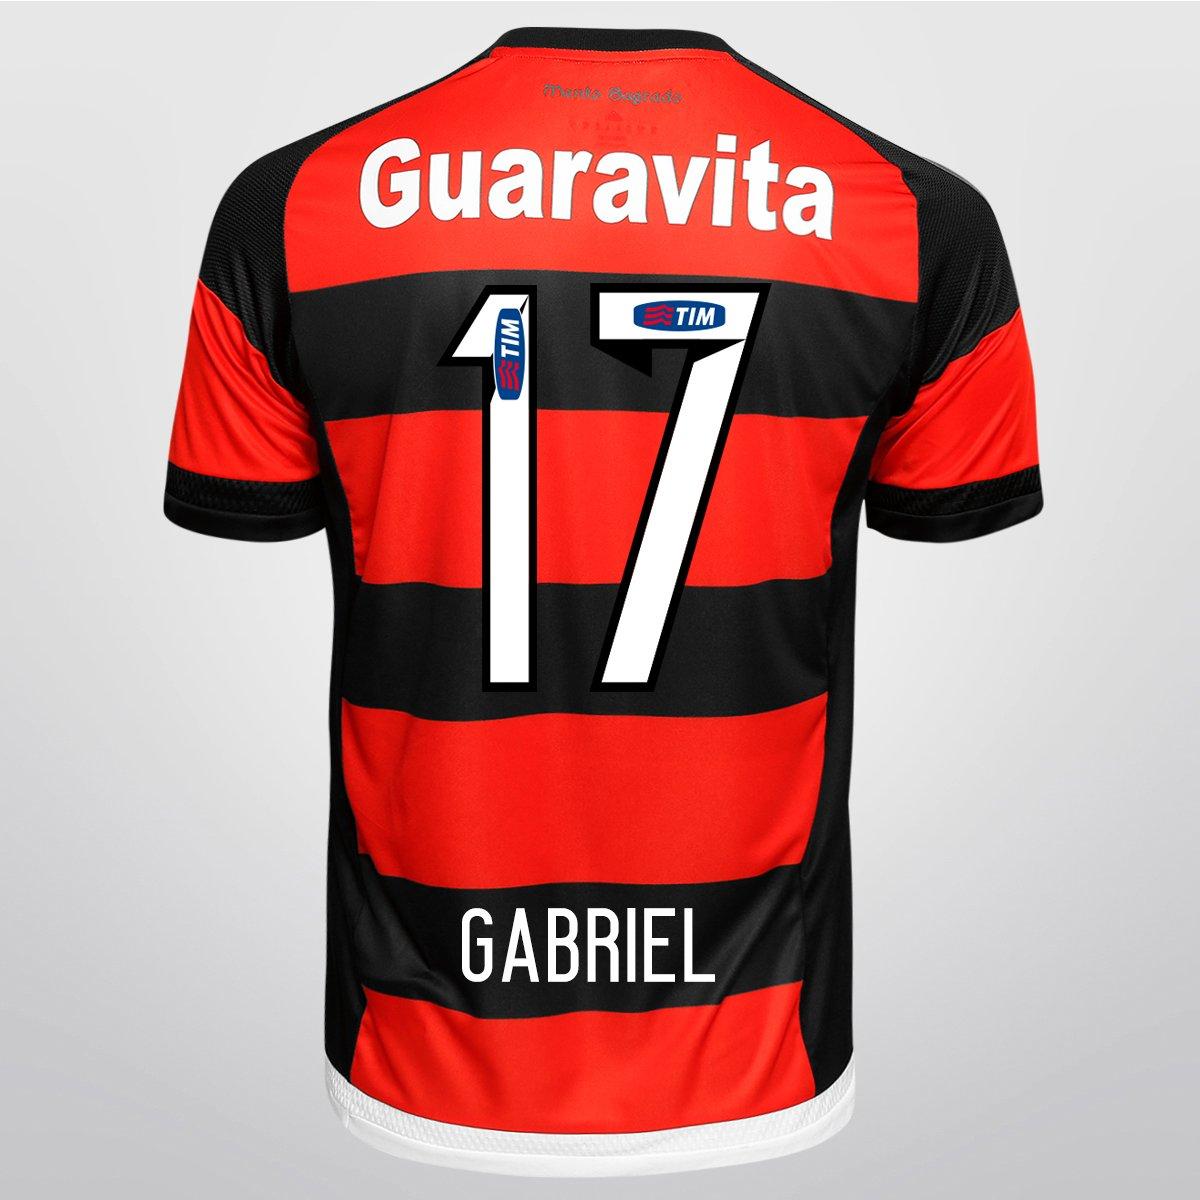 ae41263c431 Camisa Adidas Flamengo I 15 16 nº 17 - Gabriel - Compre Agora